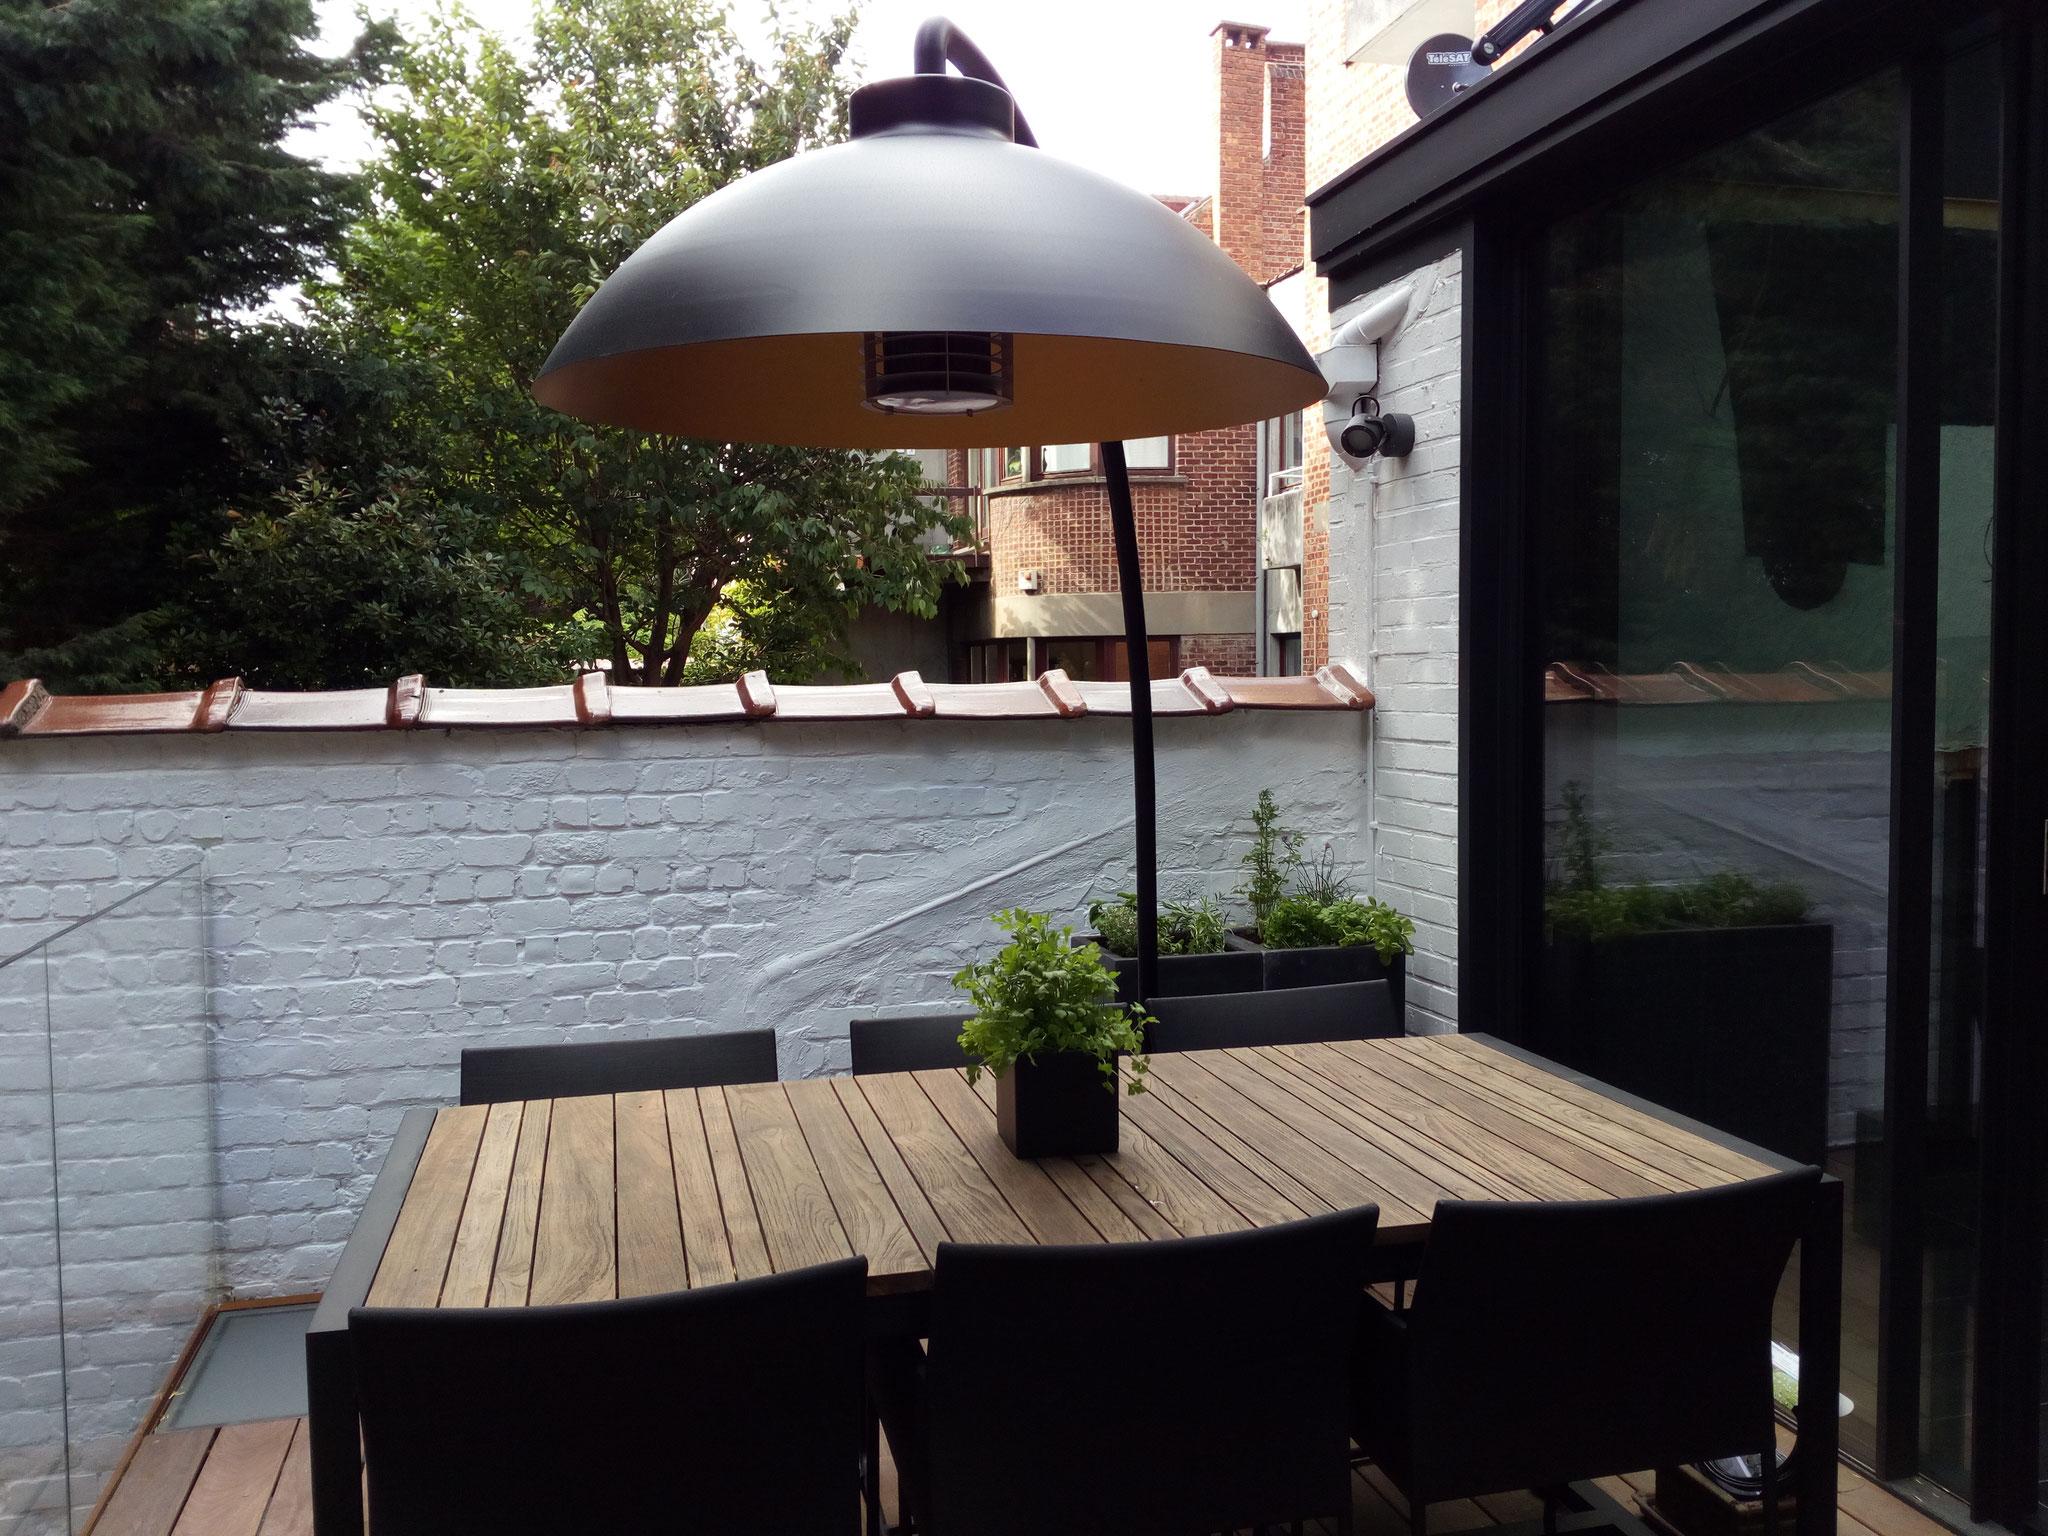 Cour sur 4 niveaux - Niveau haut / +1an / Plain pied avec la salle à manger - Amenagement jardin Bruxelles